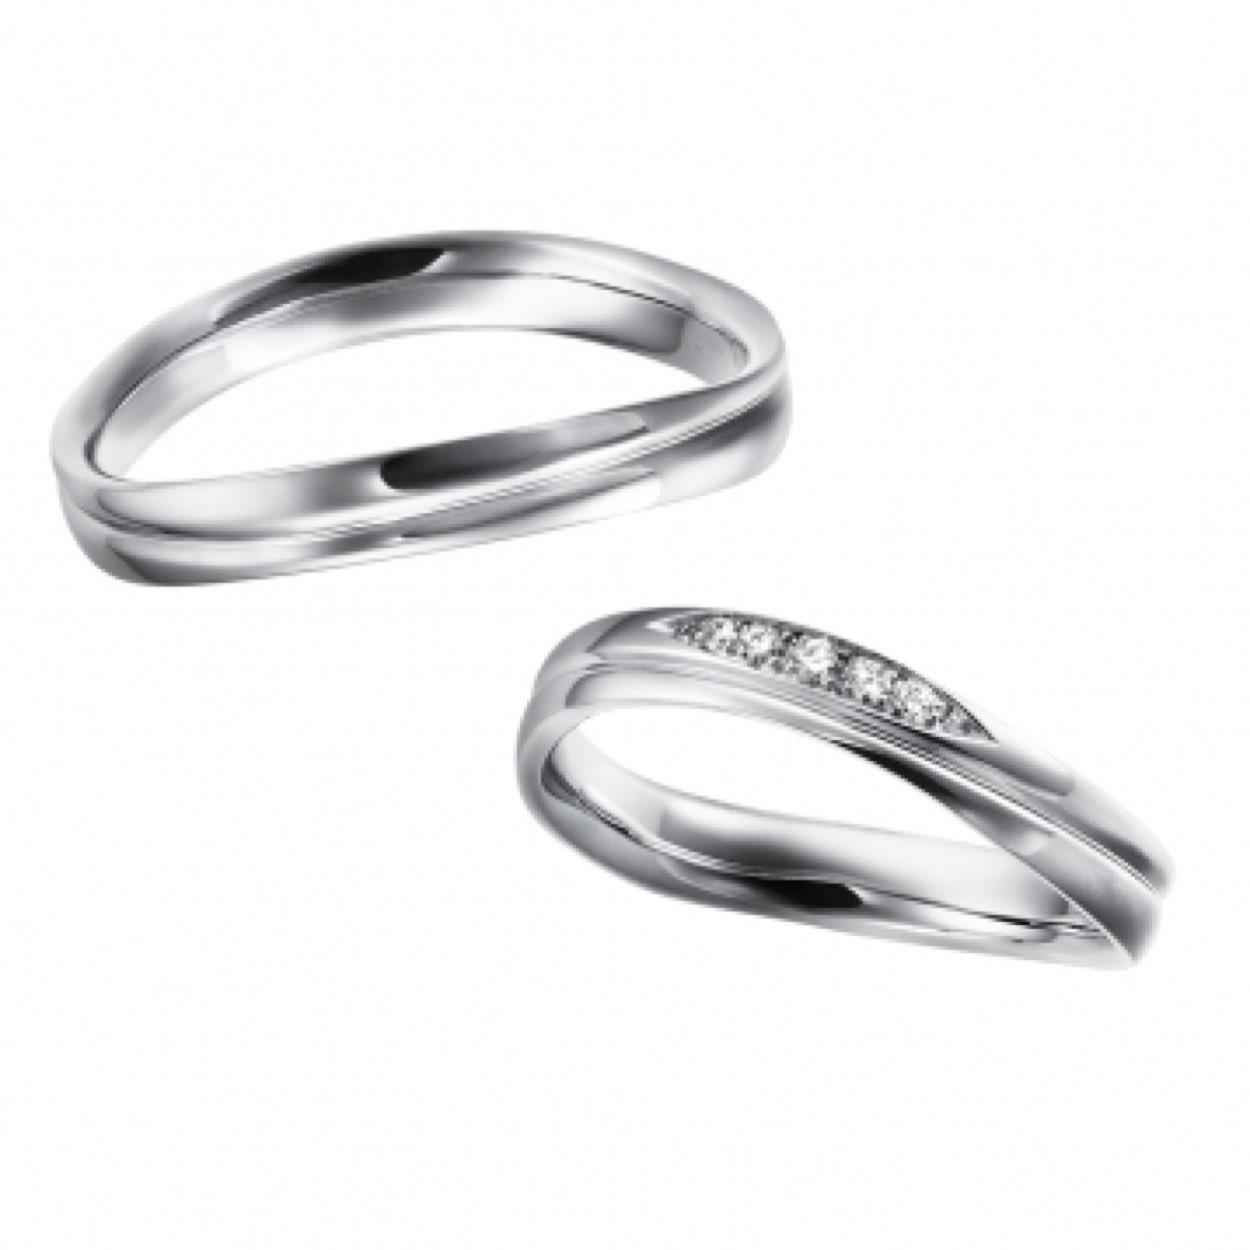 〈結婚指輪〉Wave